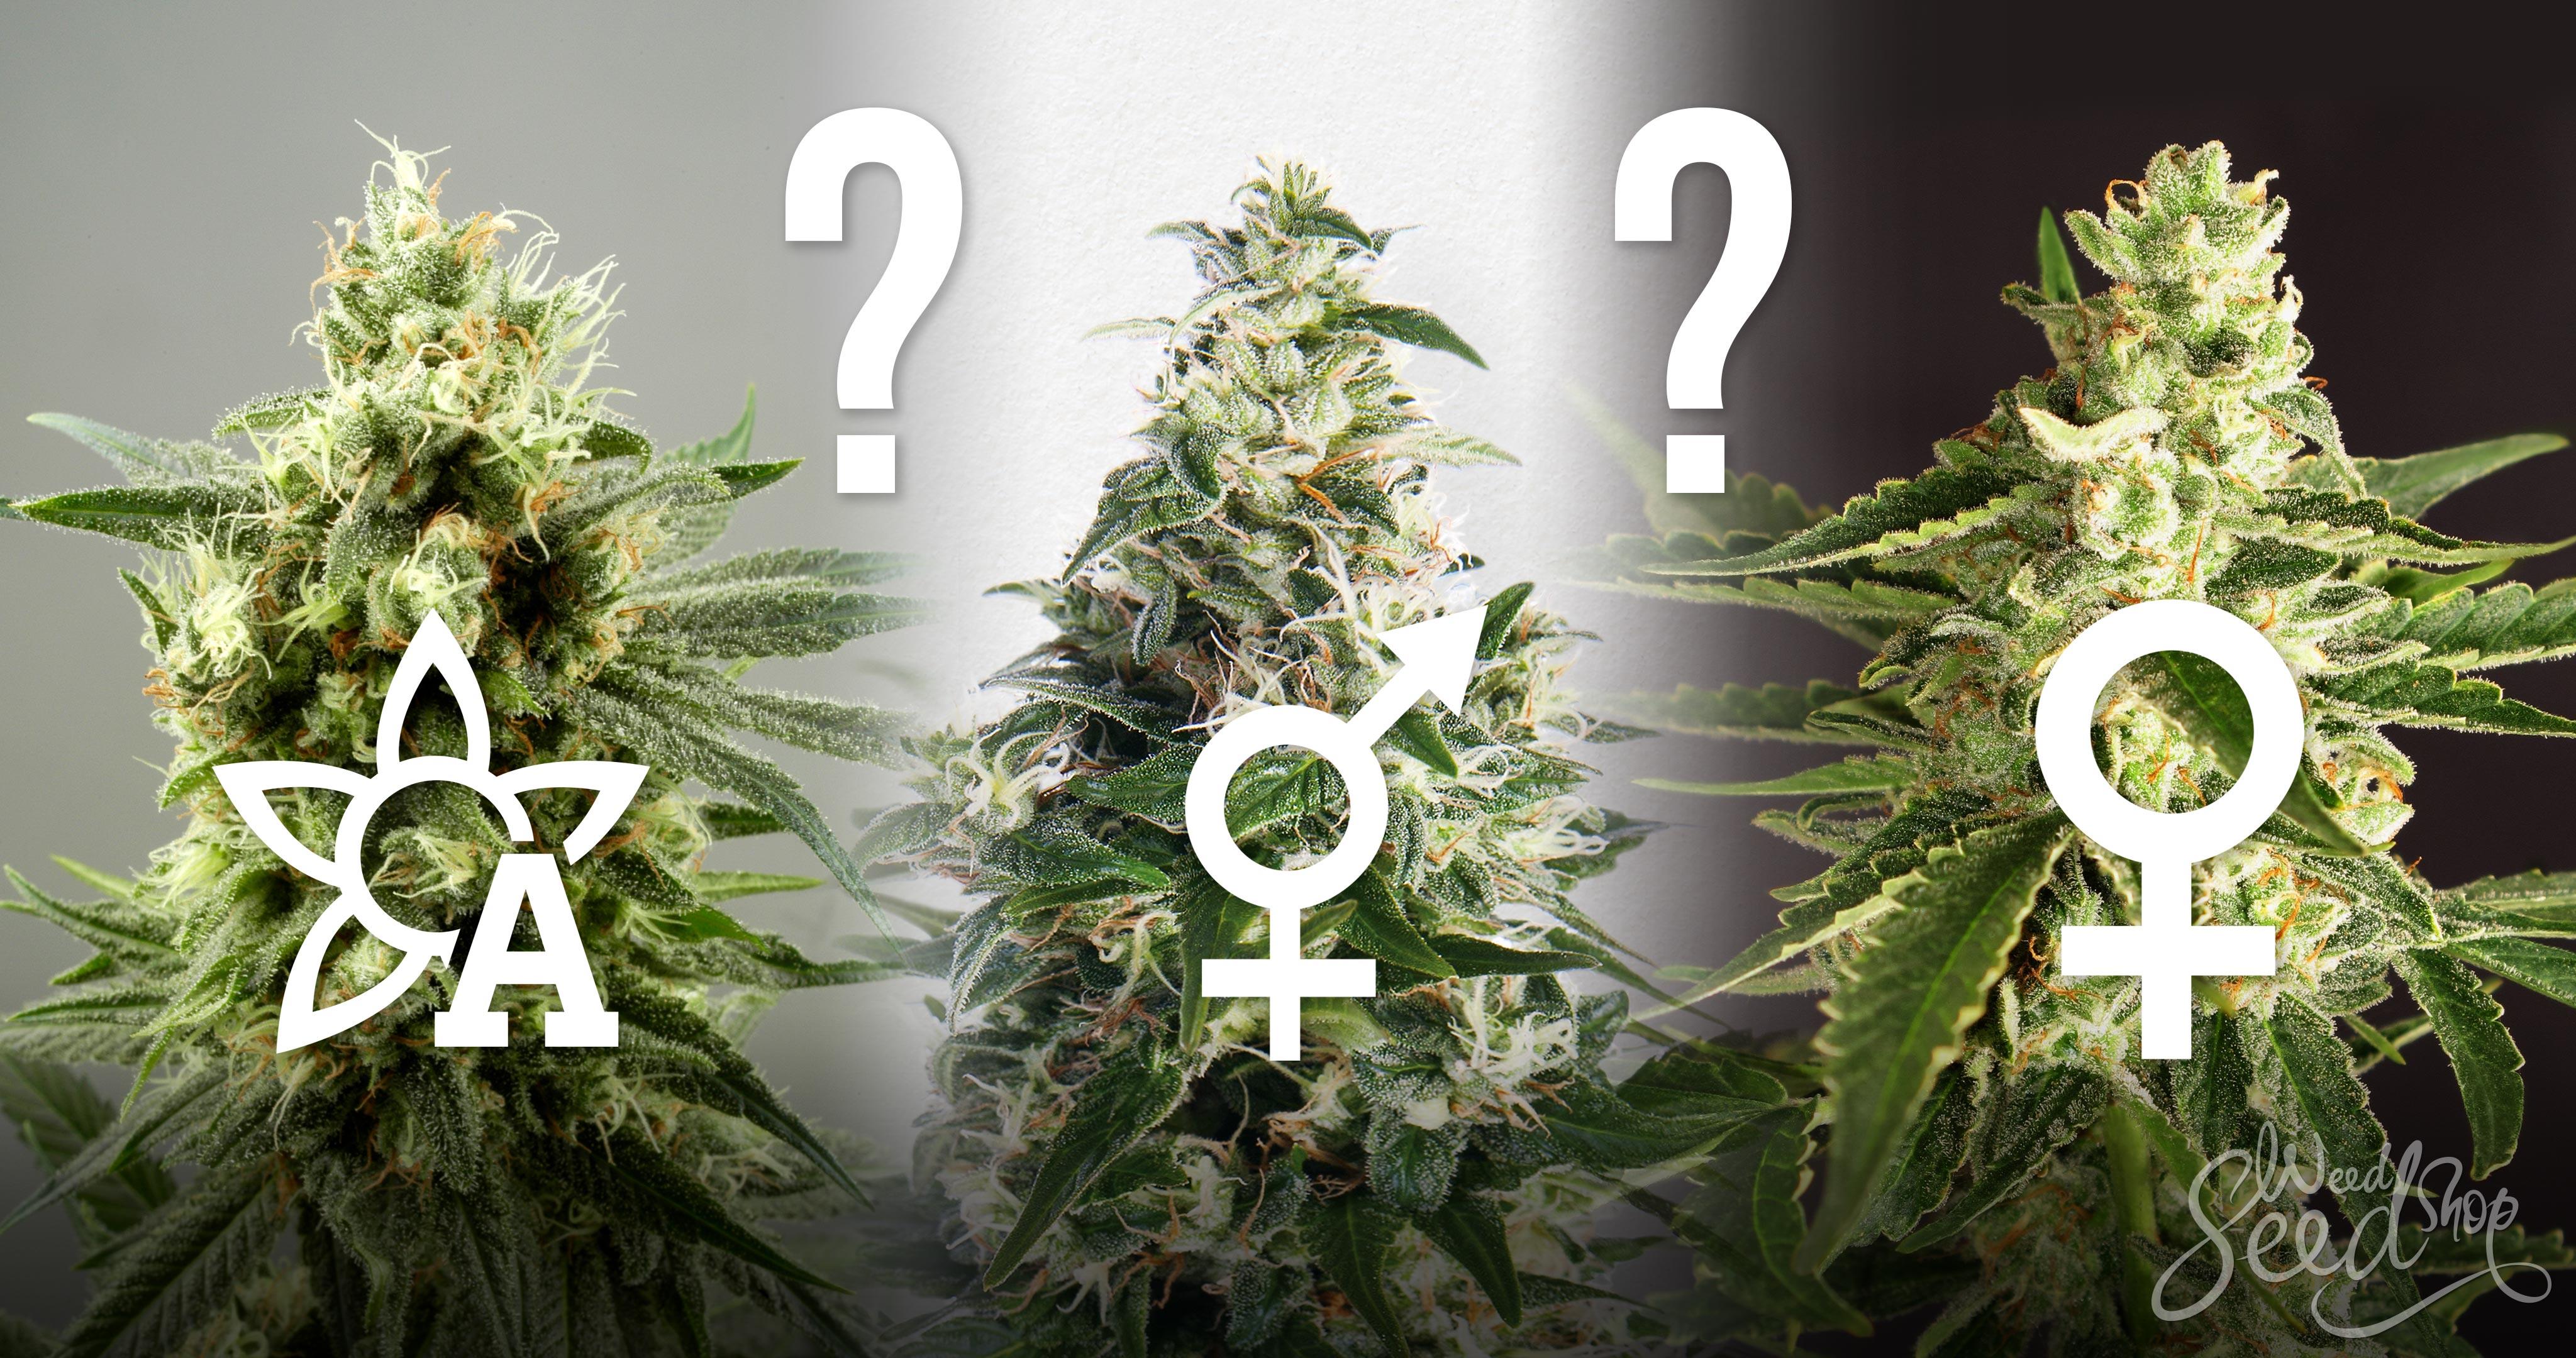 ¿Regulares, feminizadas o de Autofloración? - WeedSeedShop